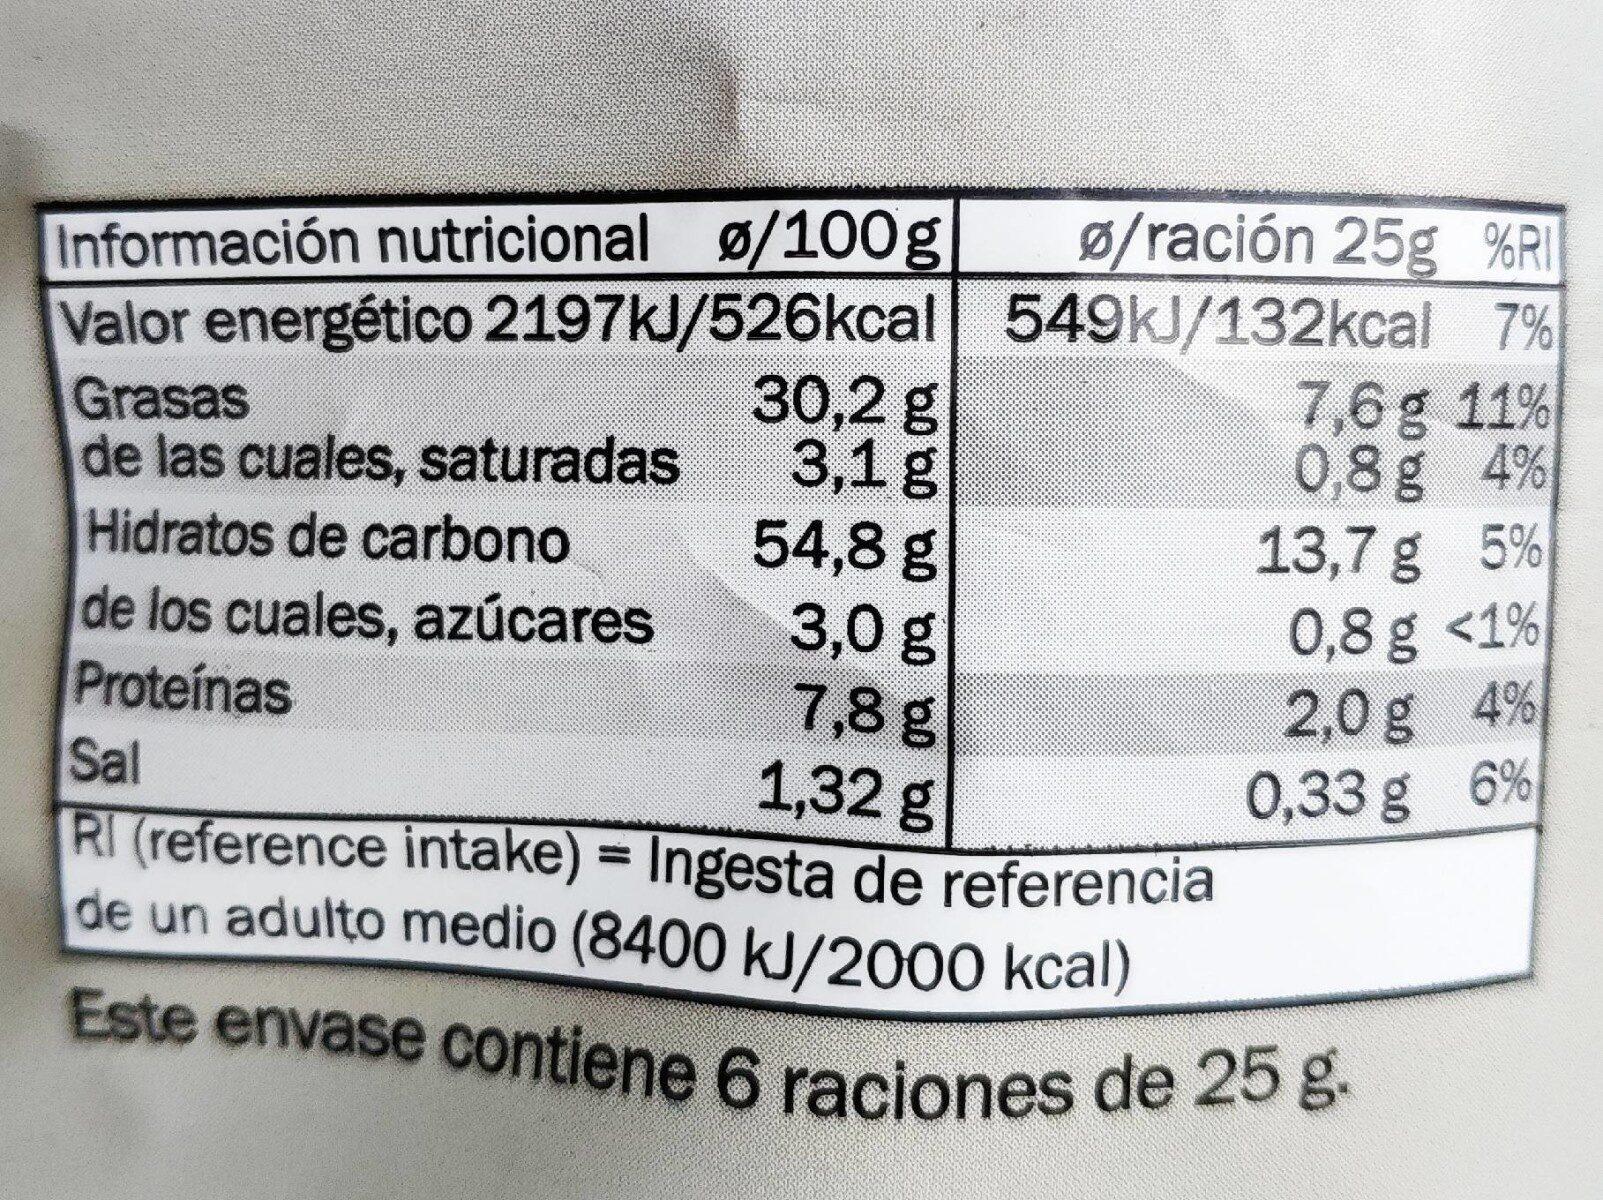 Patatas fritas estilo Marrakesh - Nutrition facts - es